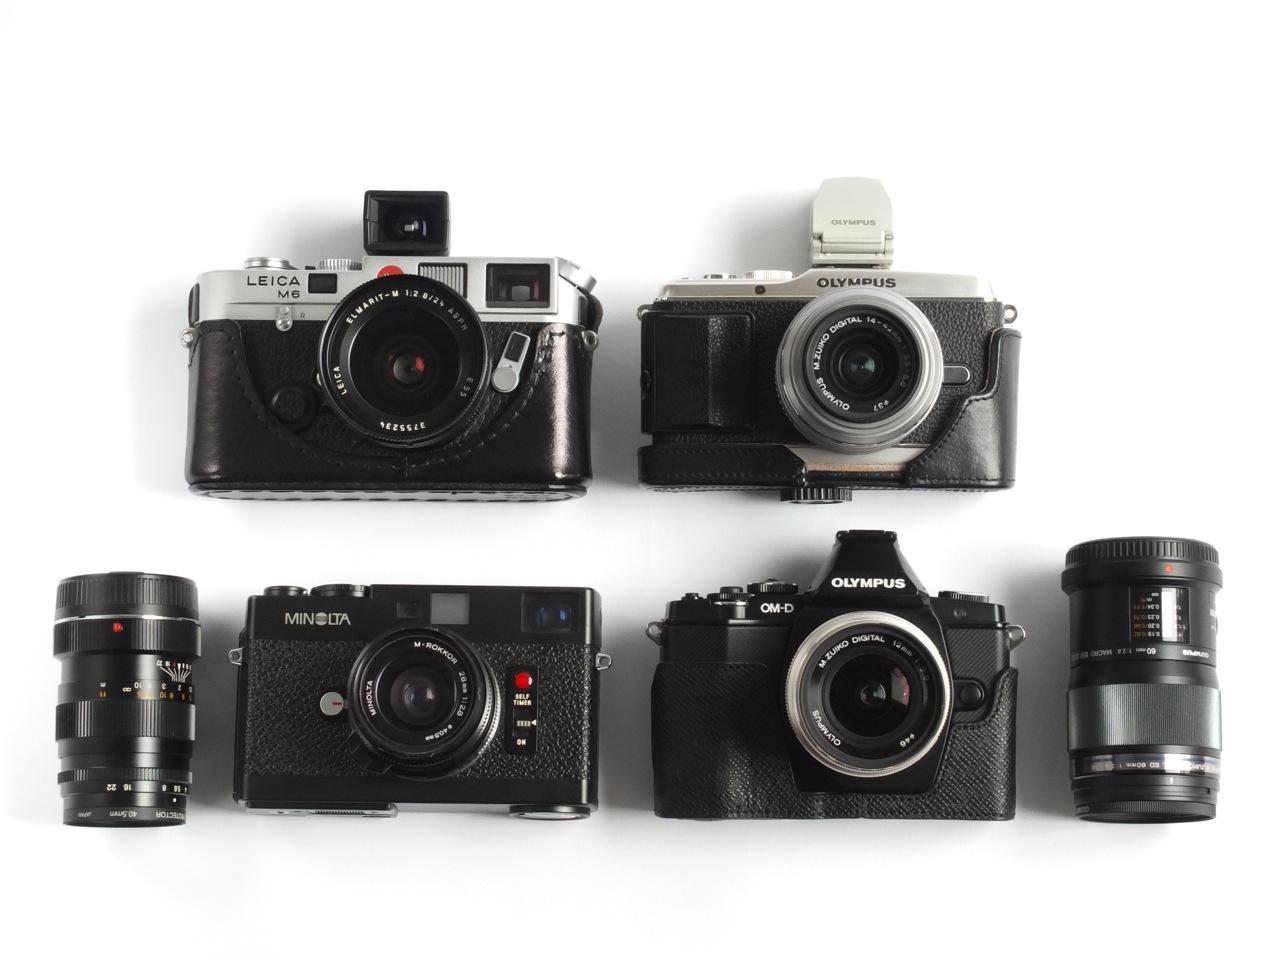 ミラーレスカメラの大きさについて